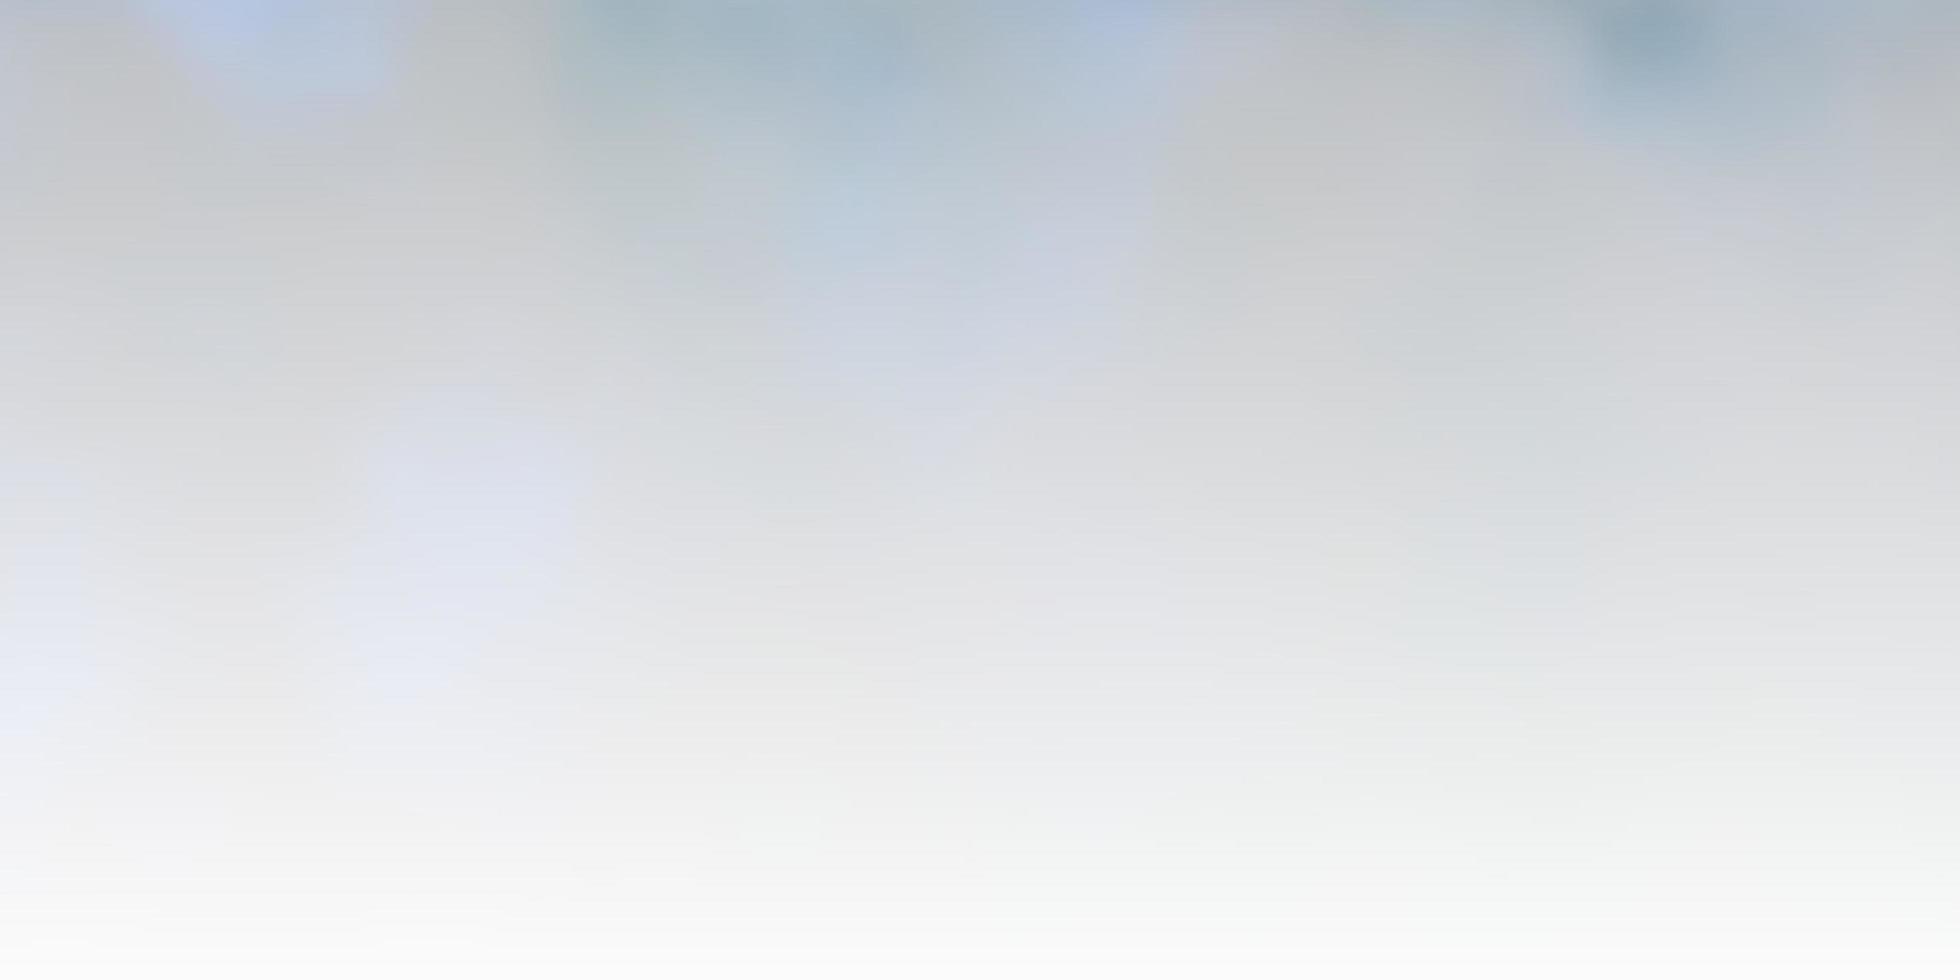 modèle vectoriel bleu foncé avec ciel, nuages.